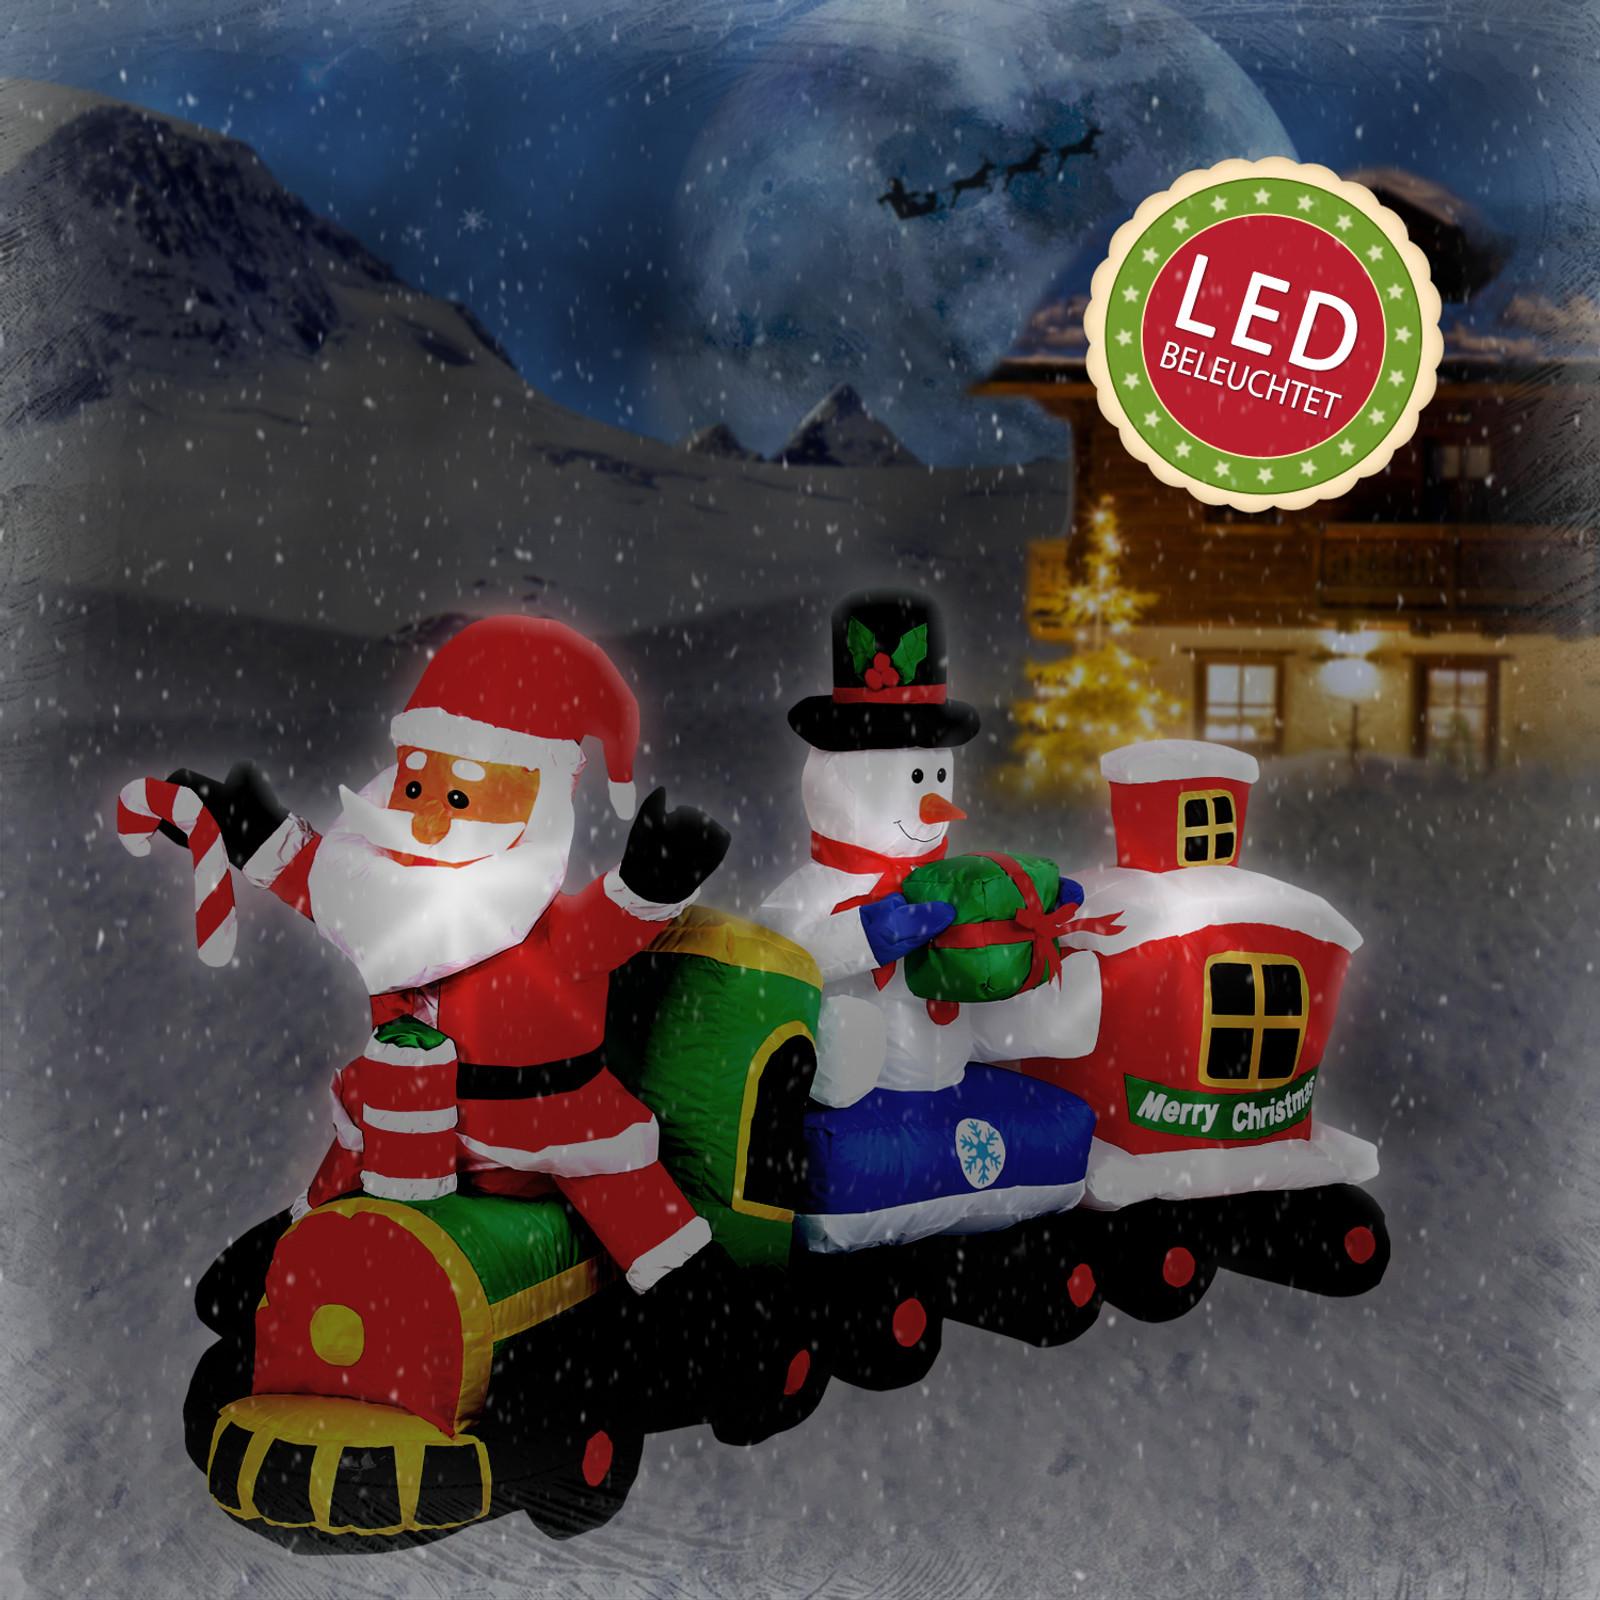 led beleuchteter 210 cm weihnachtszug mit santa und. Black Bedroom Furniture Sets. Home Design Ideas